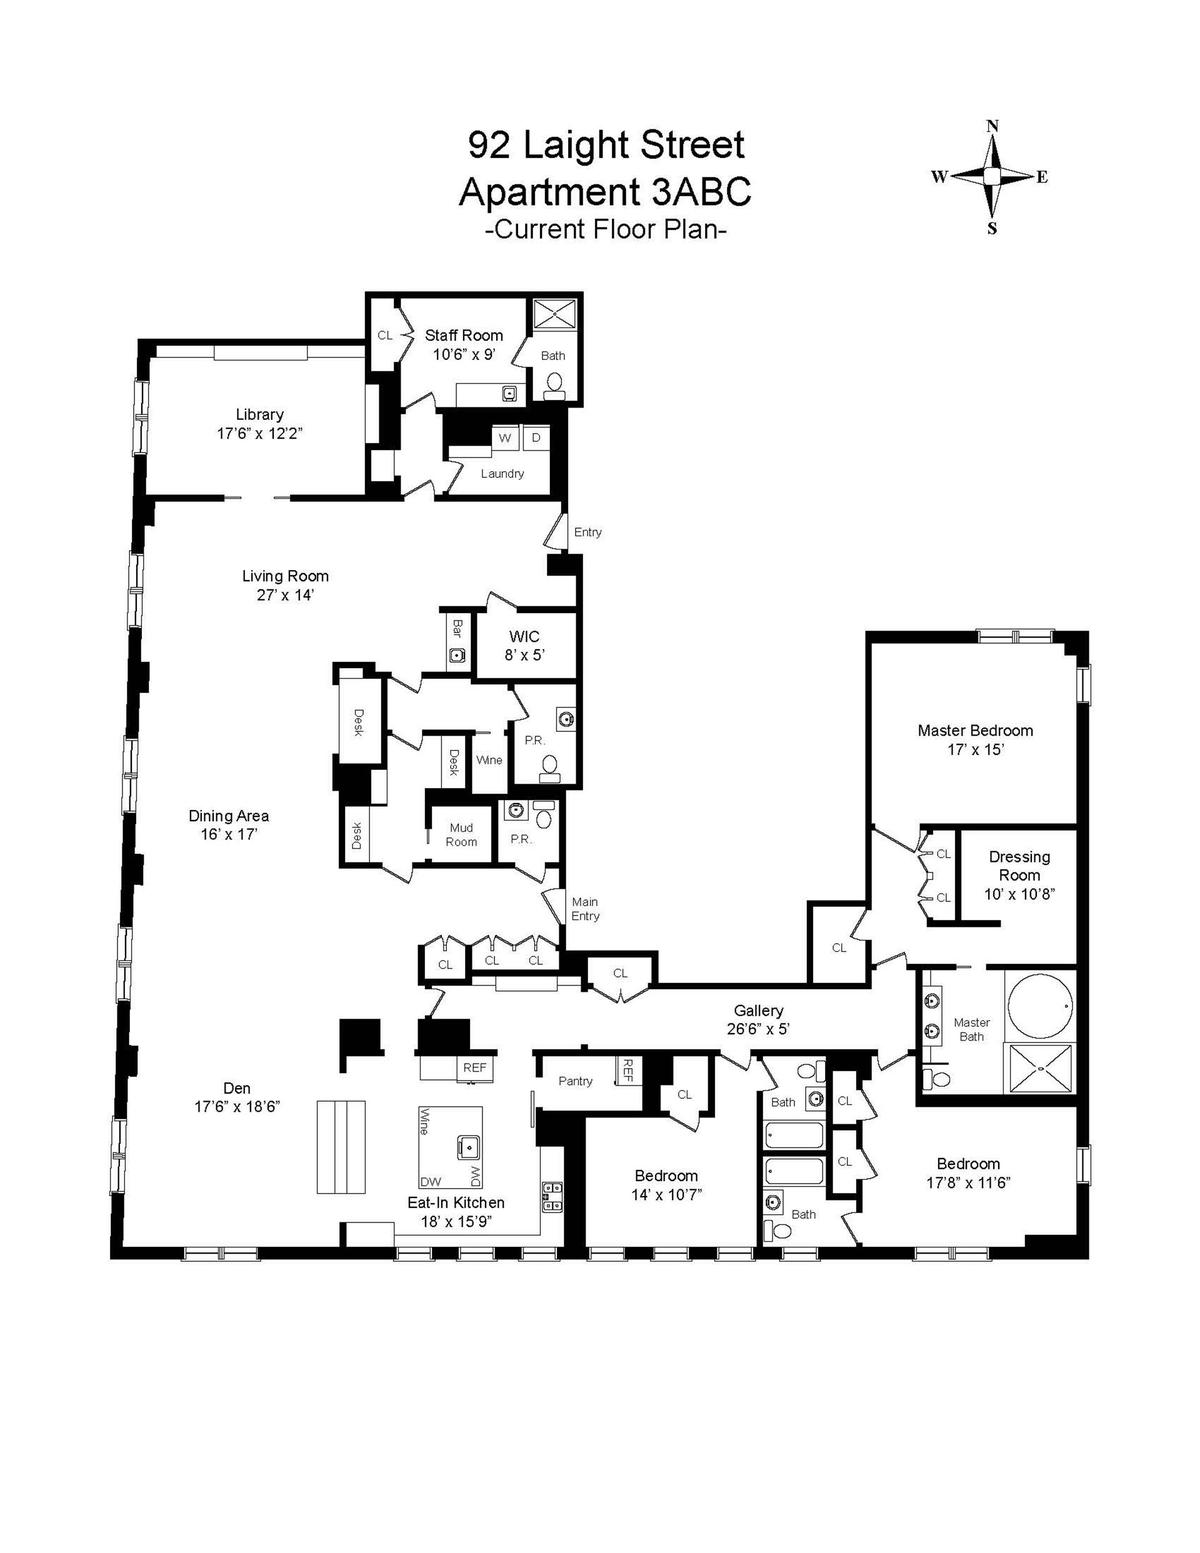 River lofts 92 laight st apartments manhattan scout for Loft floorplans